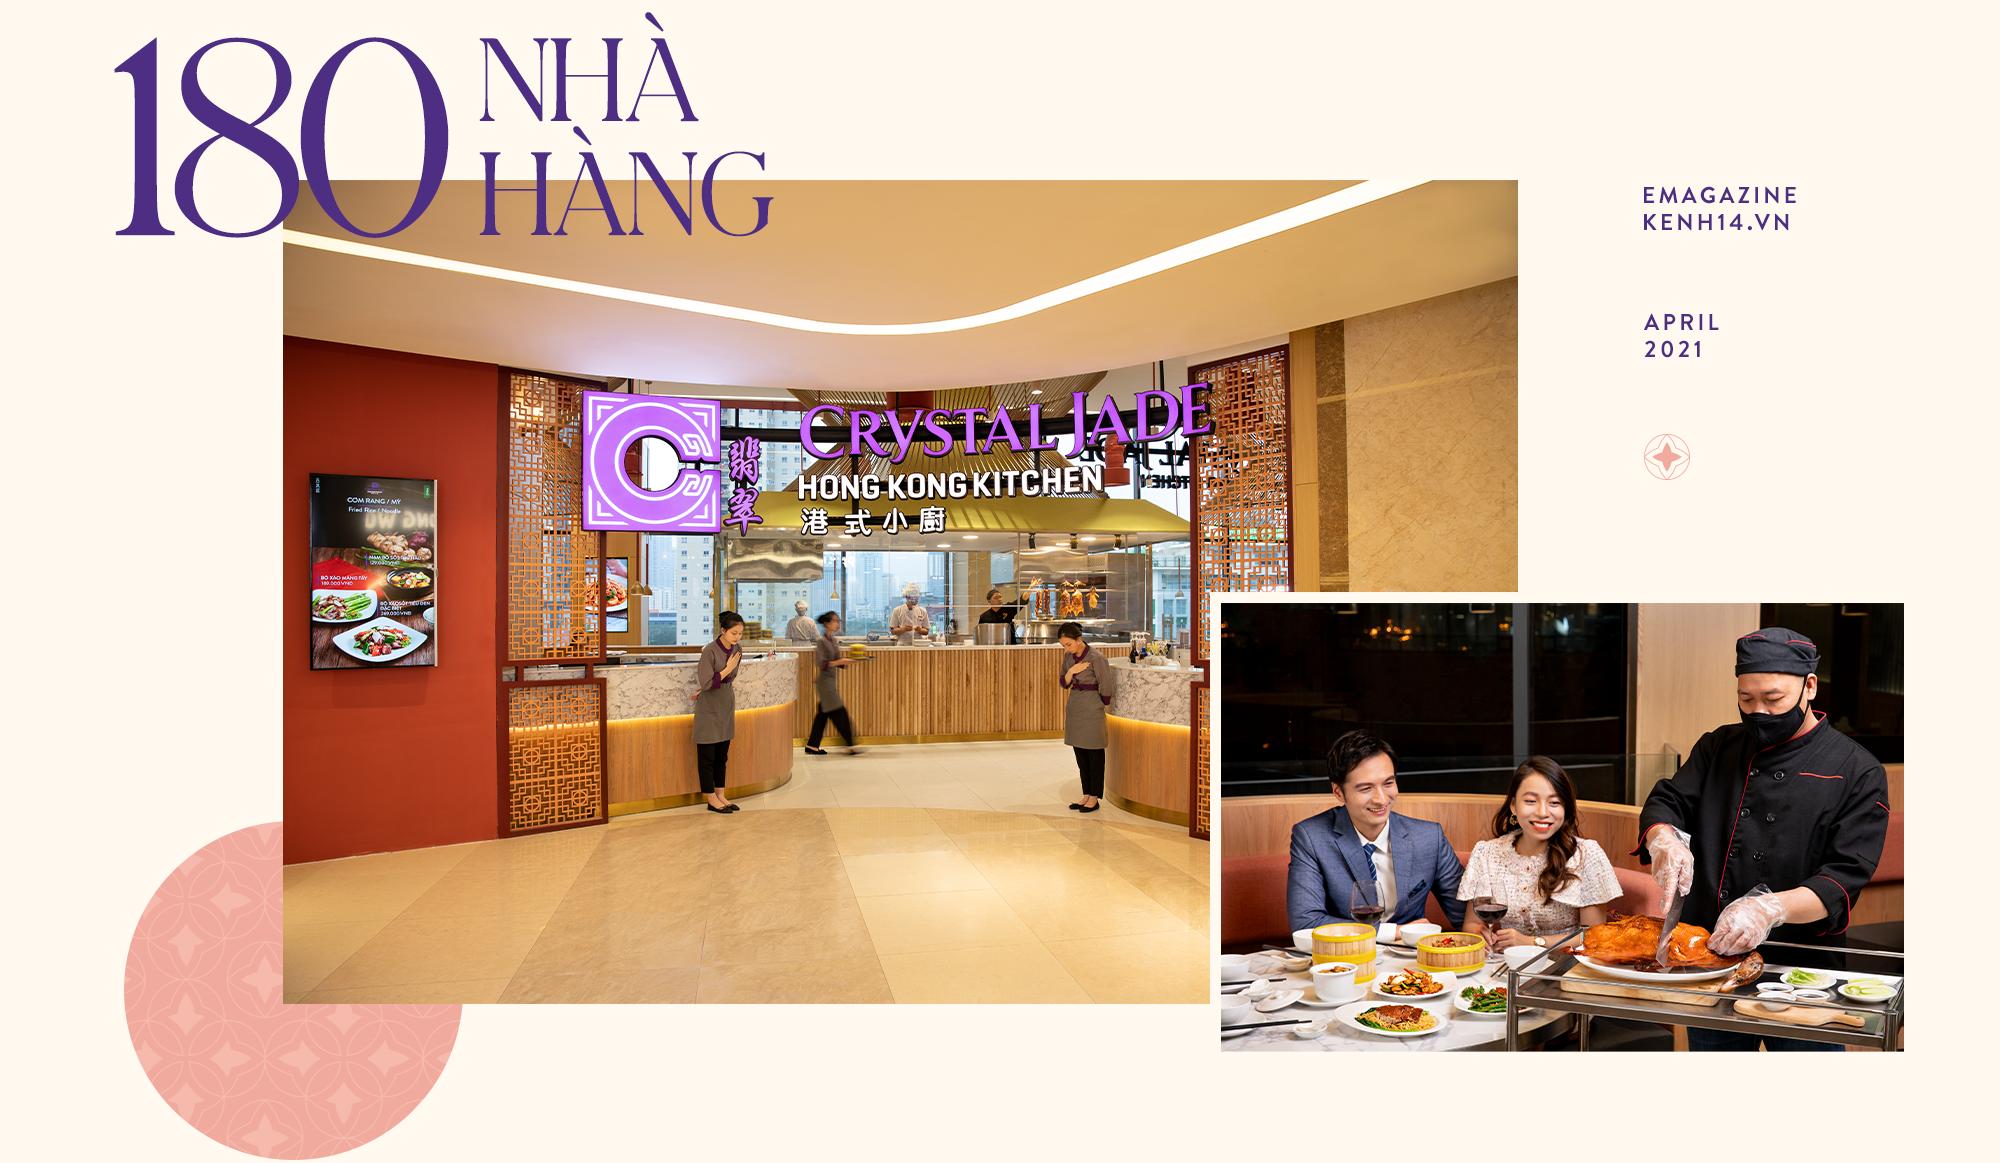 Hành trình mang phong vị ẩm thực Hồng Kông 30 năm đẳng cấp Michelin từ Singapore tới Hà Nội - Ảnh 3.